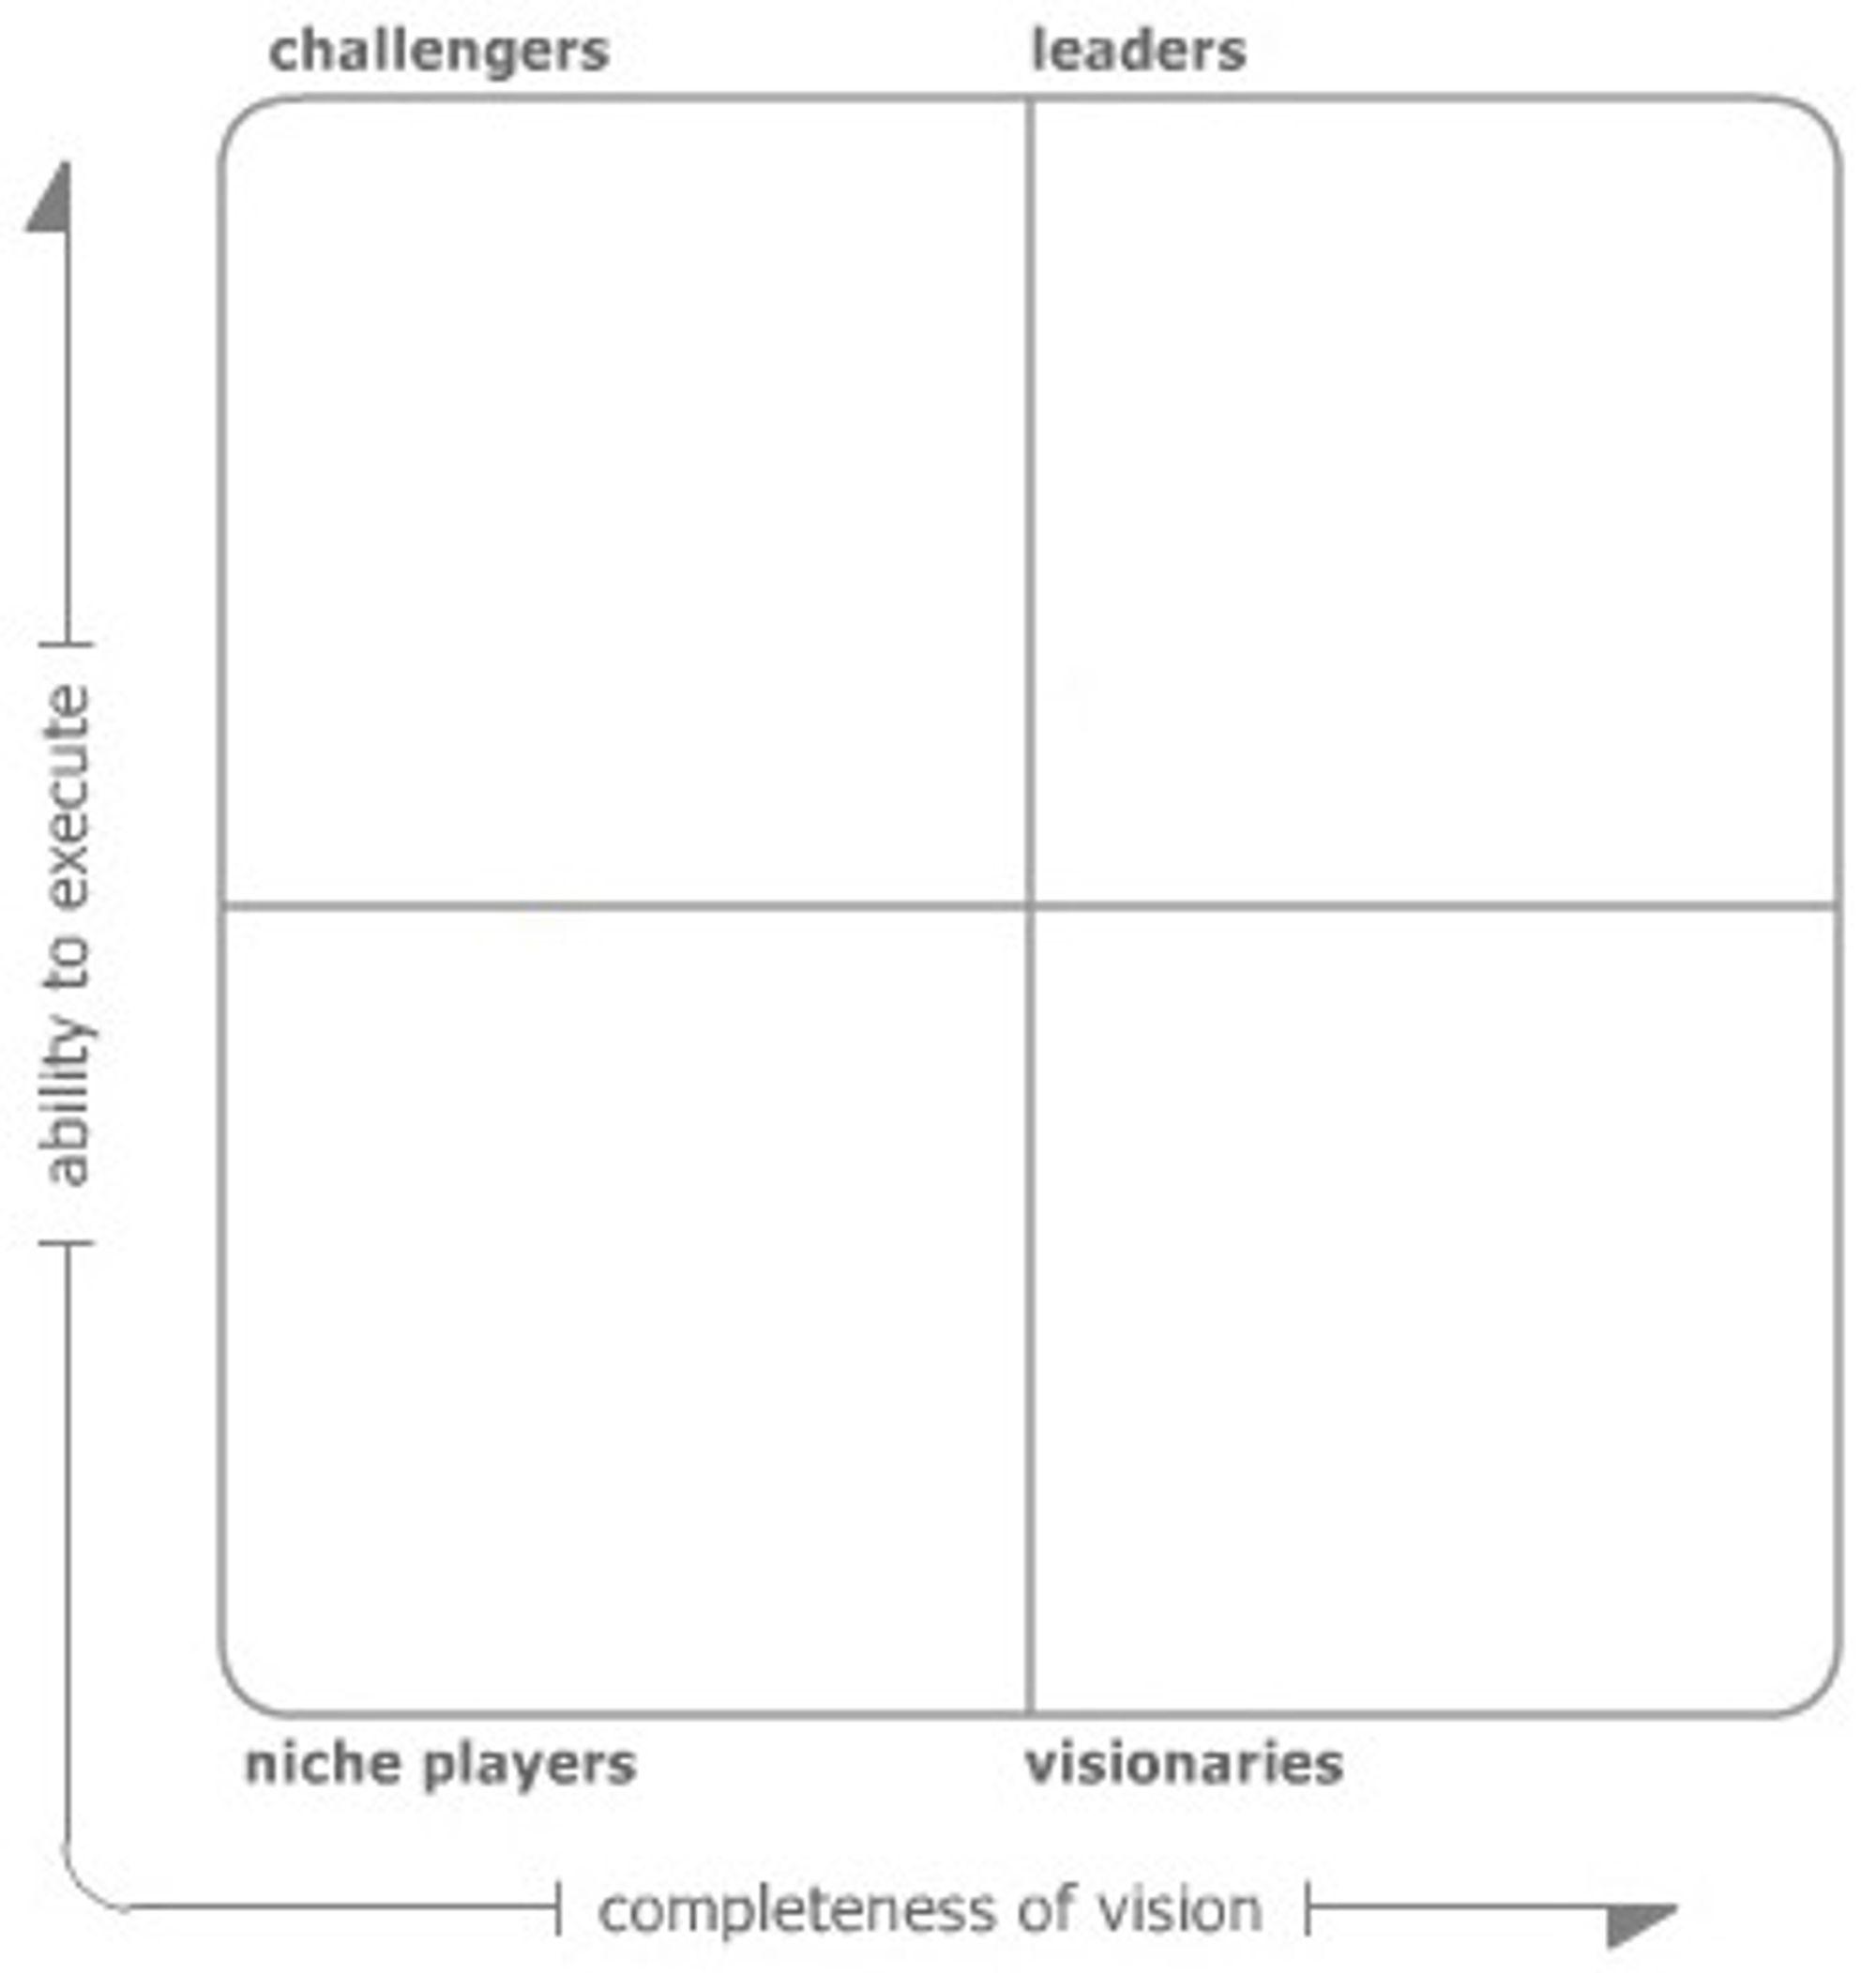 Leverandørene posisjoneres i den magiske kvadranten i samsvar med deres skår i hovedparameterene visjon og leveringsevne. Posisjonen plasserer dem i en av fire kategorier: ledere, utfordrere, visjonære og nisjeaktører.